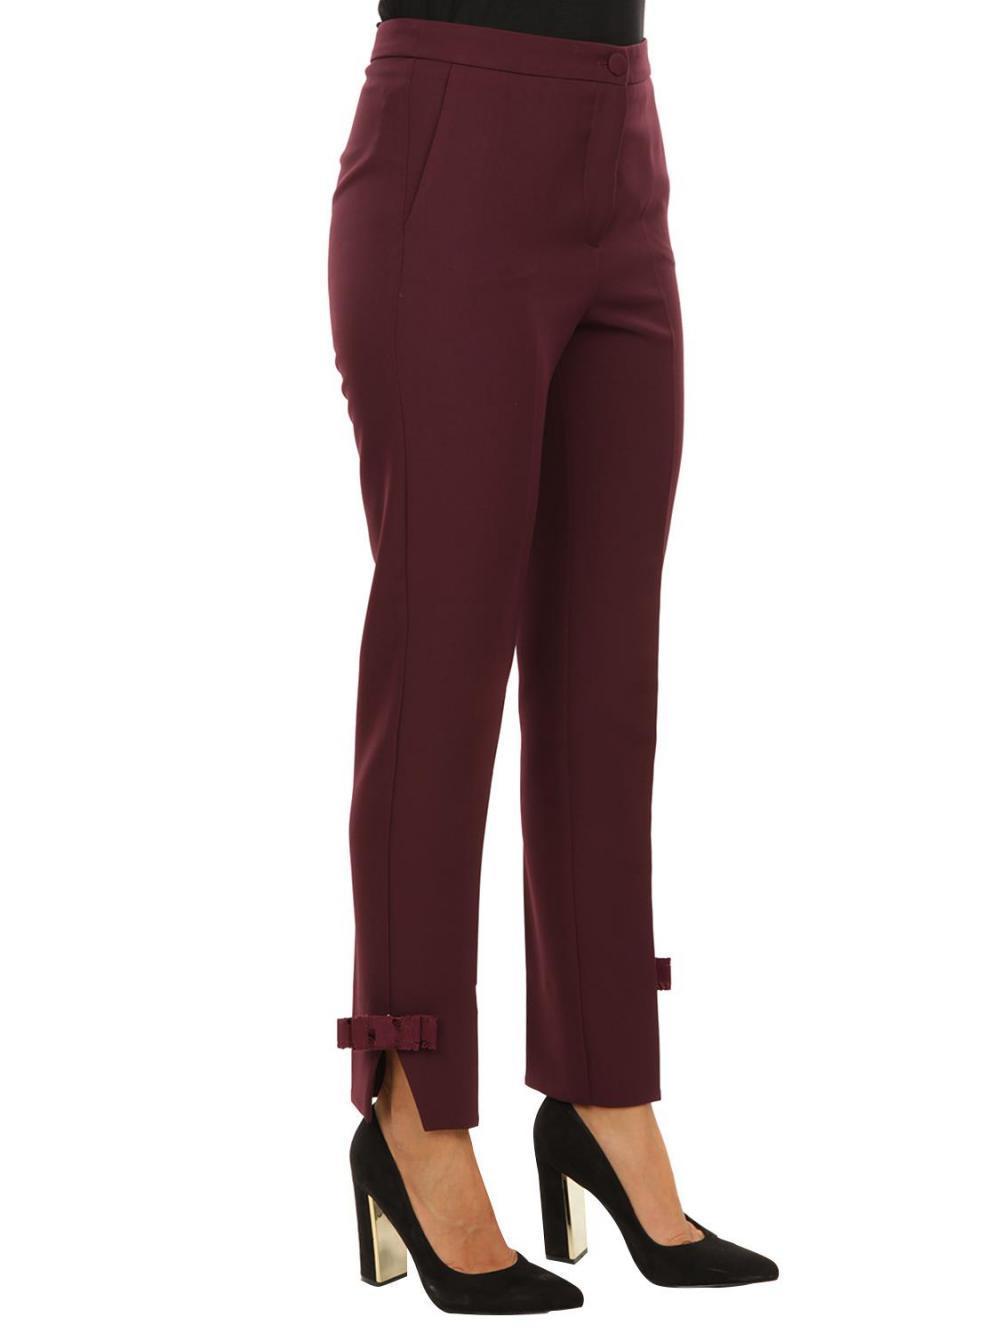 pantalone-gamba-dritta-donna-blumarine-cod-2663